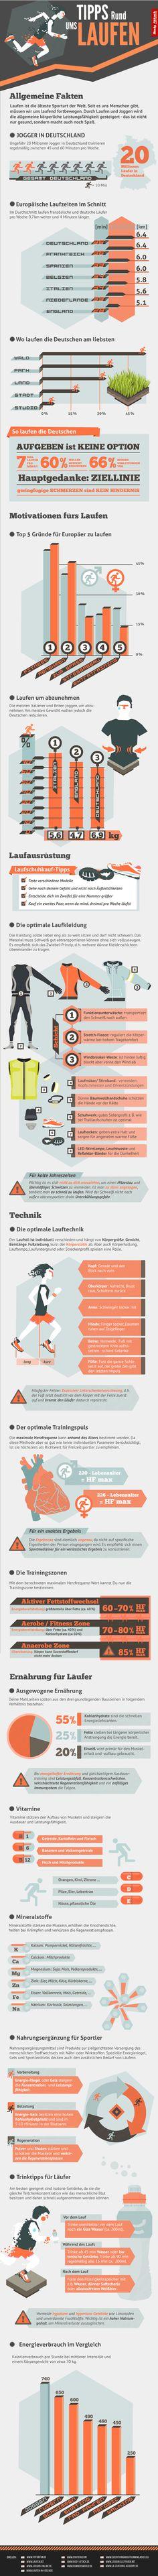 #Laufen, #Joggen, #Running - Grafik mit vielen Infos und Daten